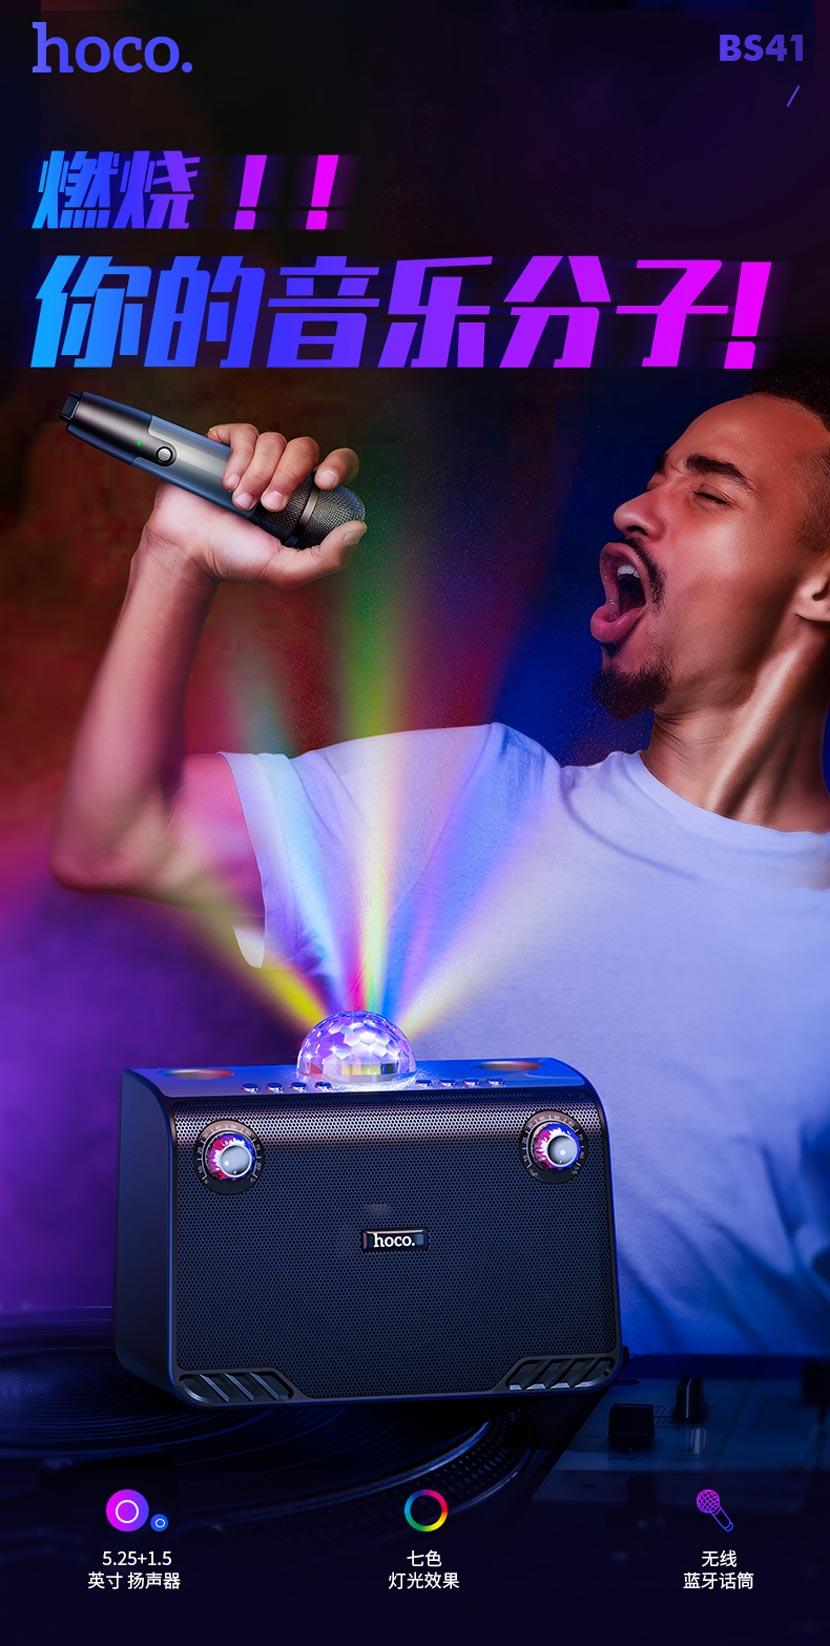 hoco news bs41 warm sound k song wireless speaker cn